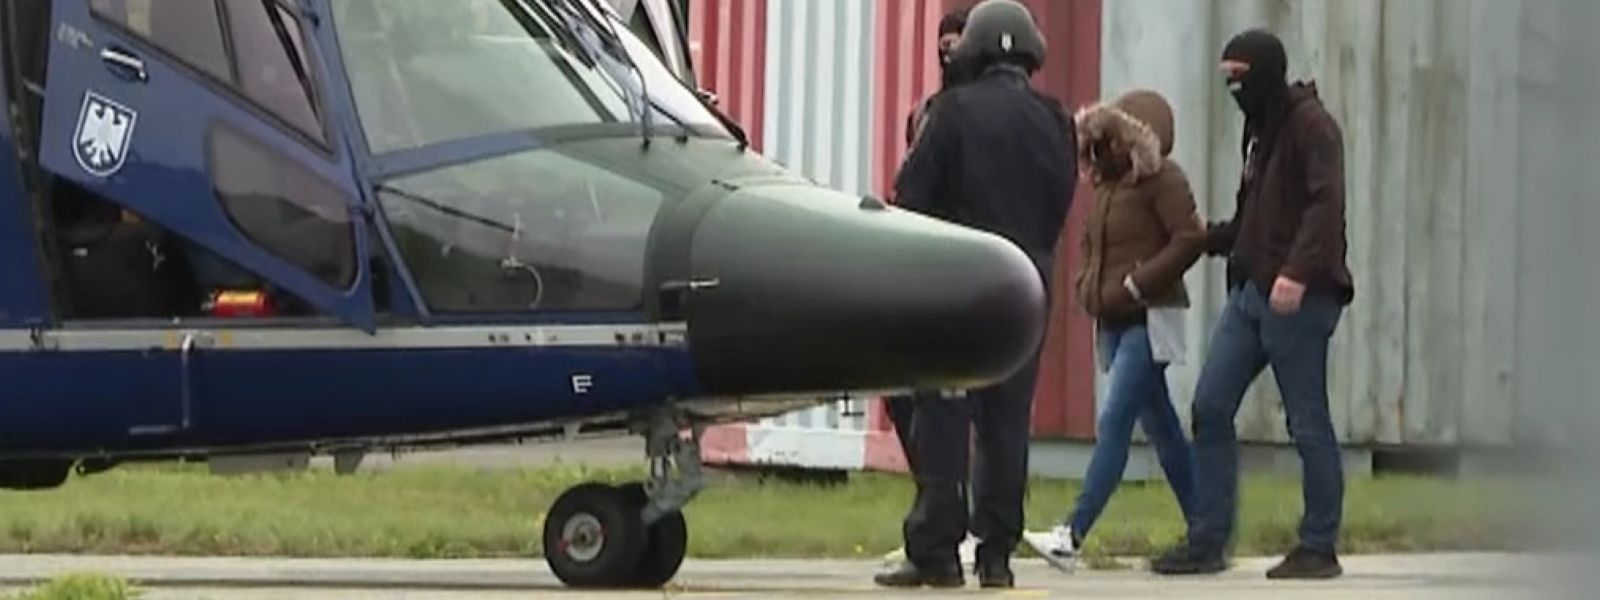 Omaima A. wird von Einsatzkräften der Polizei mit einem Hubschrauber ausgeflogen.